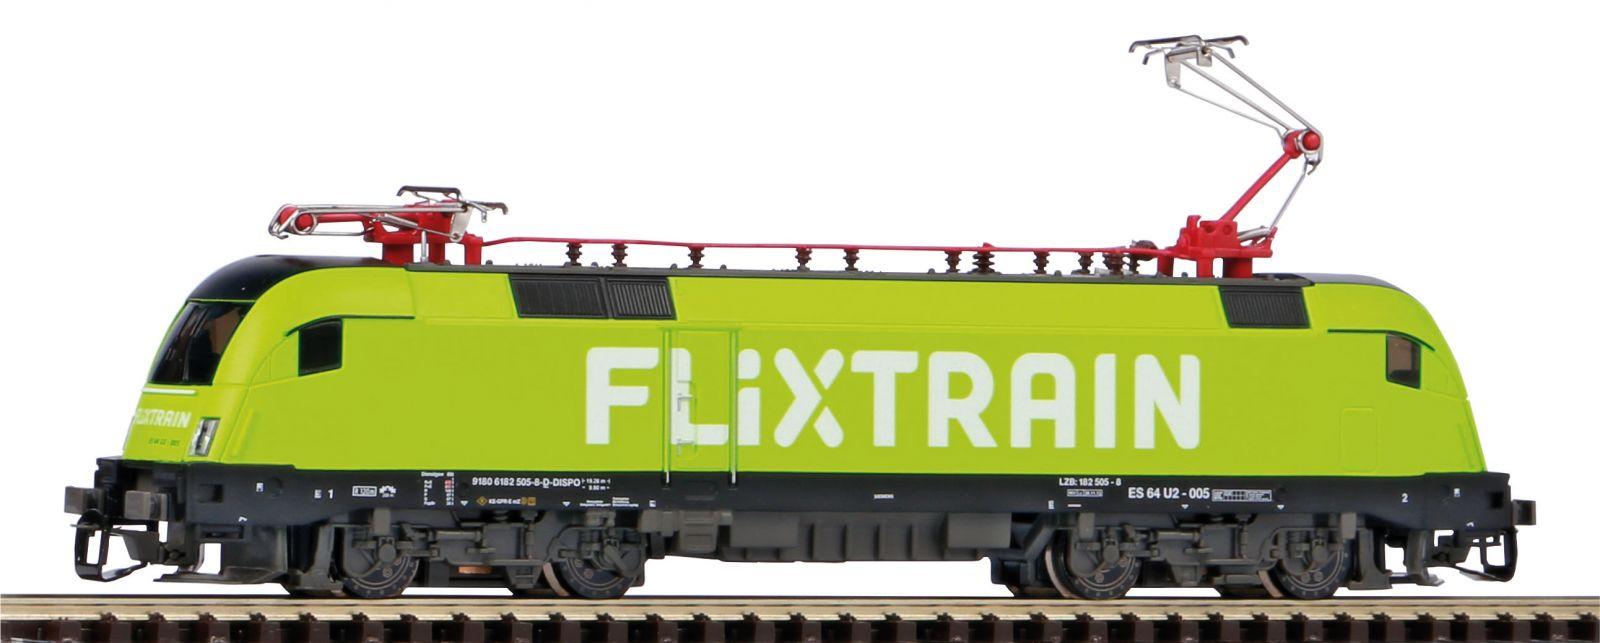 Dřevěné hračky Piko Elektrická lokomotiva BR 182 Taurus Flixtrain VI - 47436